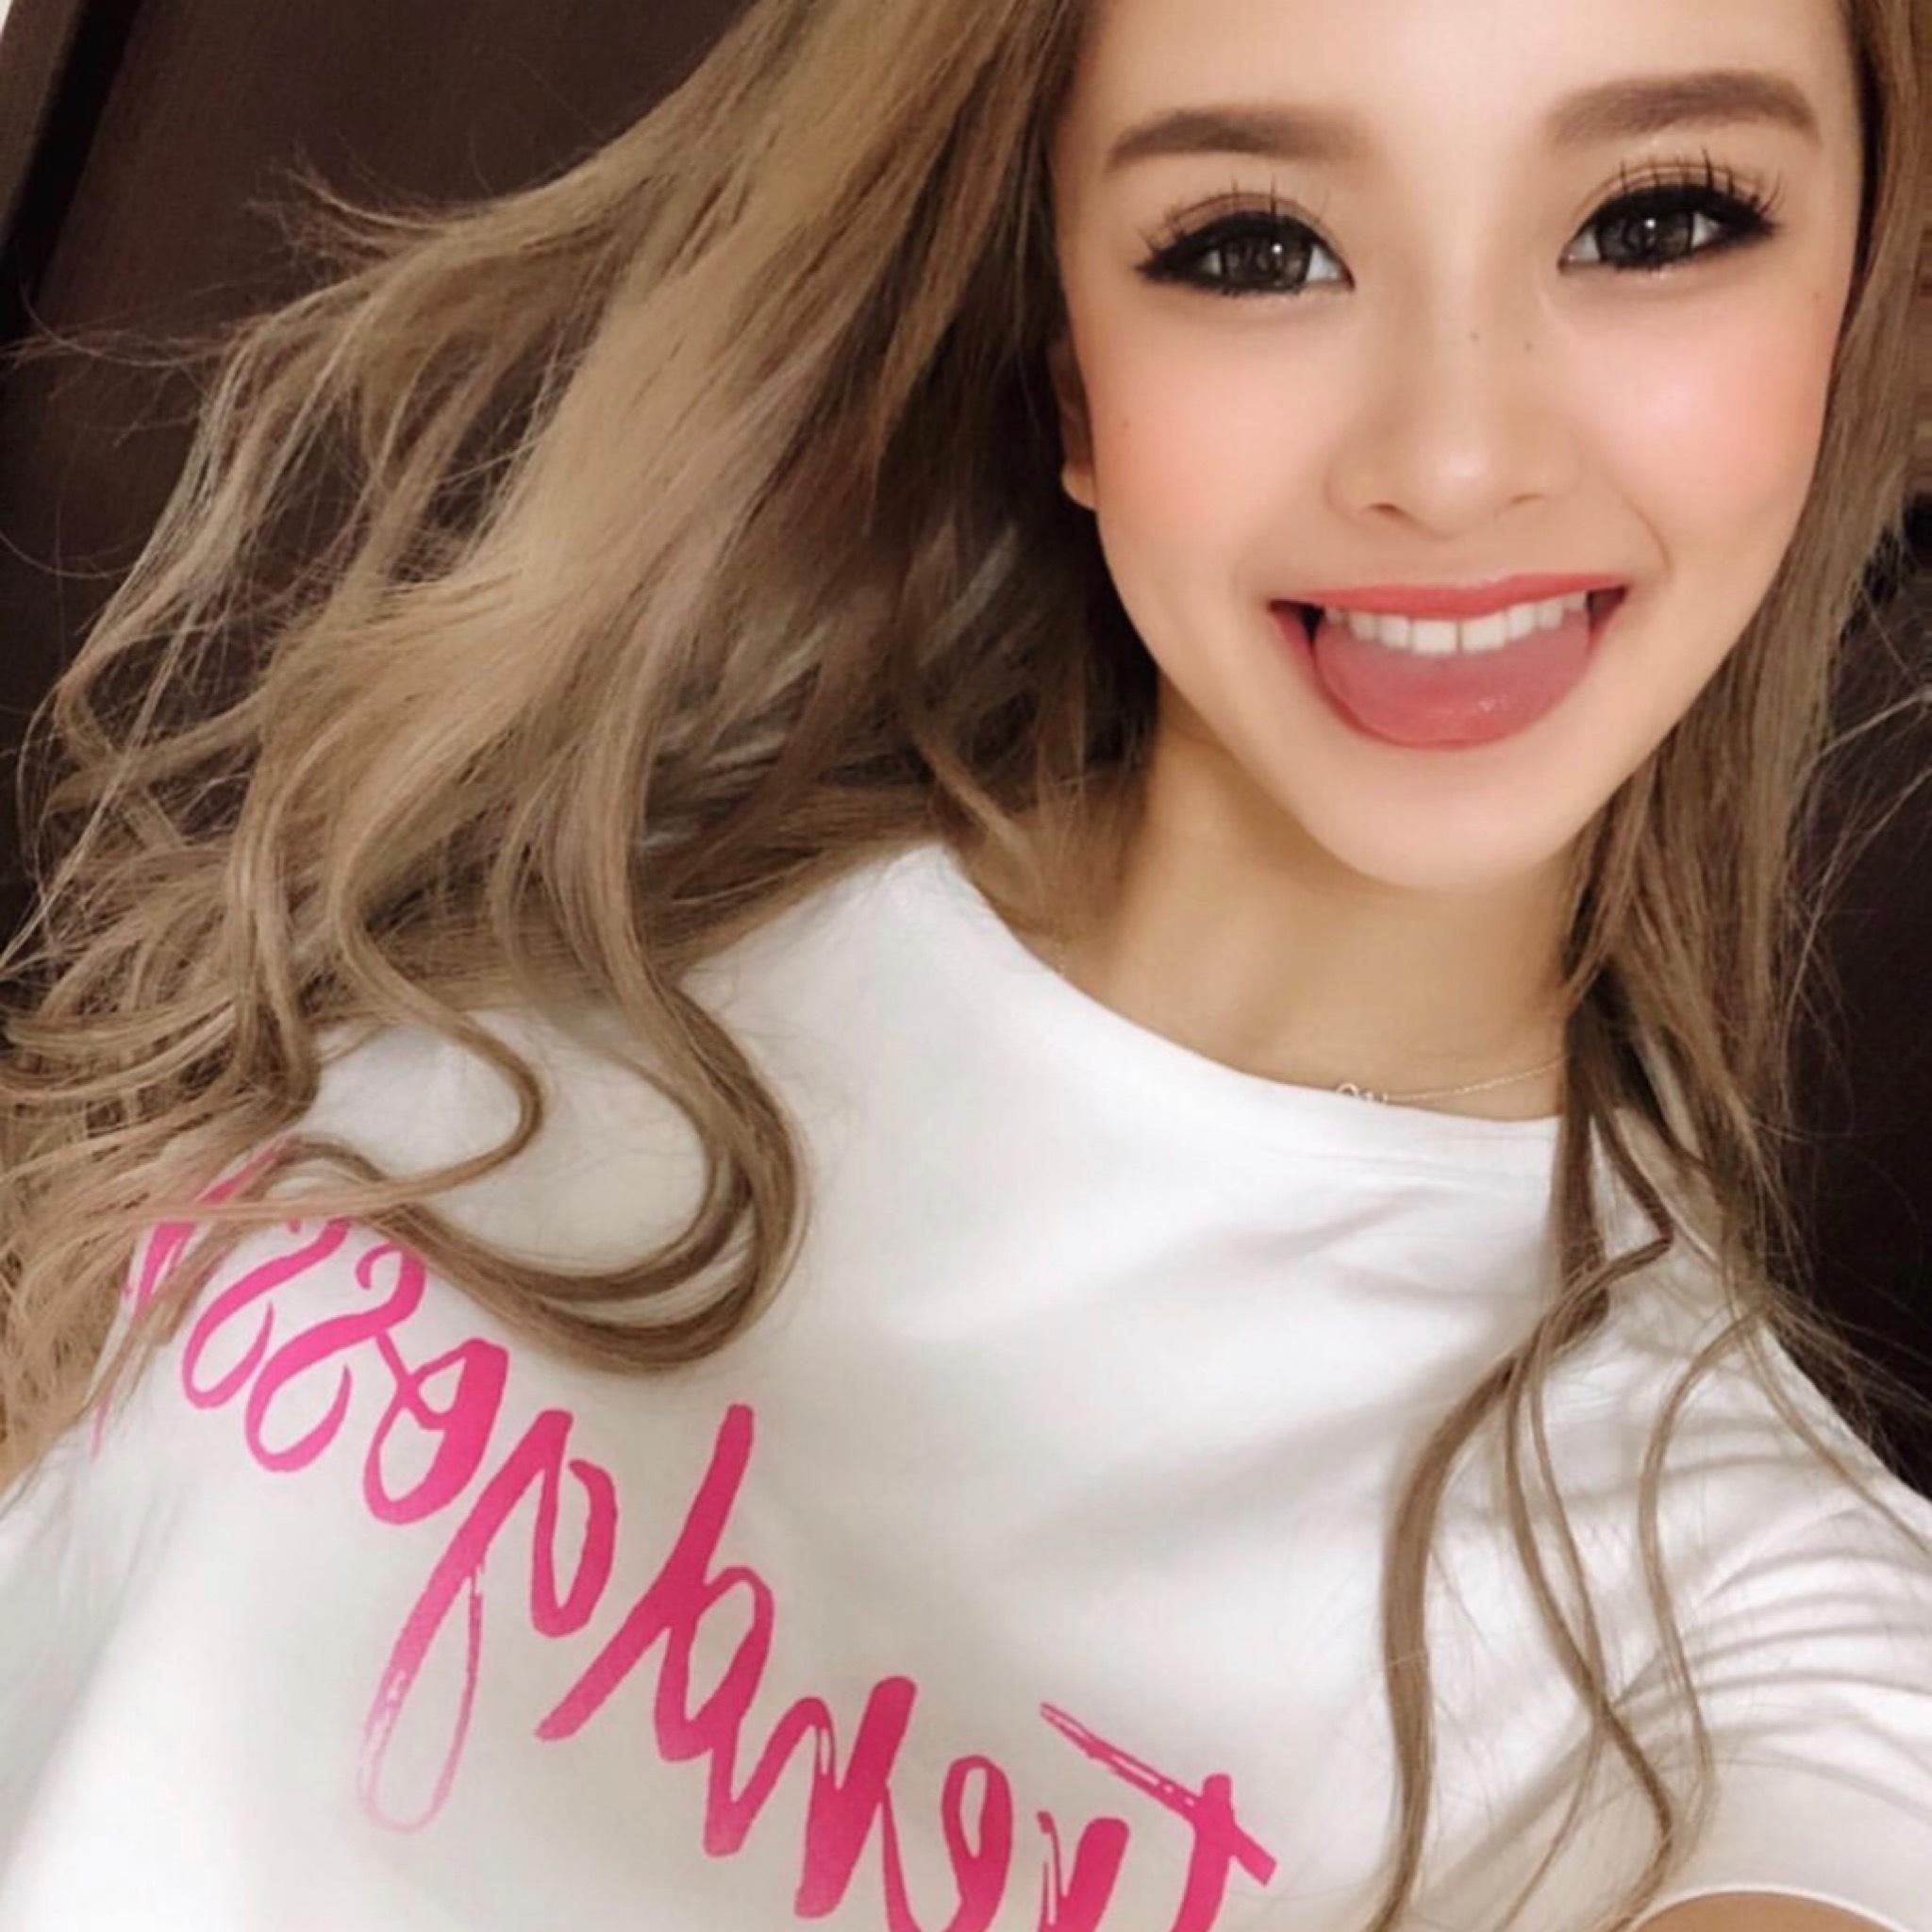 【即納】TrendGossipピンクロゴクロップドTシャツ/オリジナル/White、Black2色展開